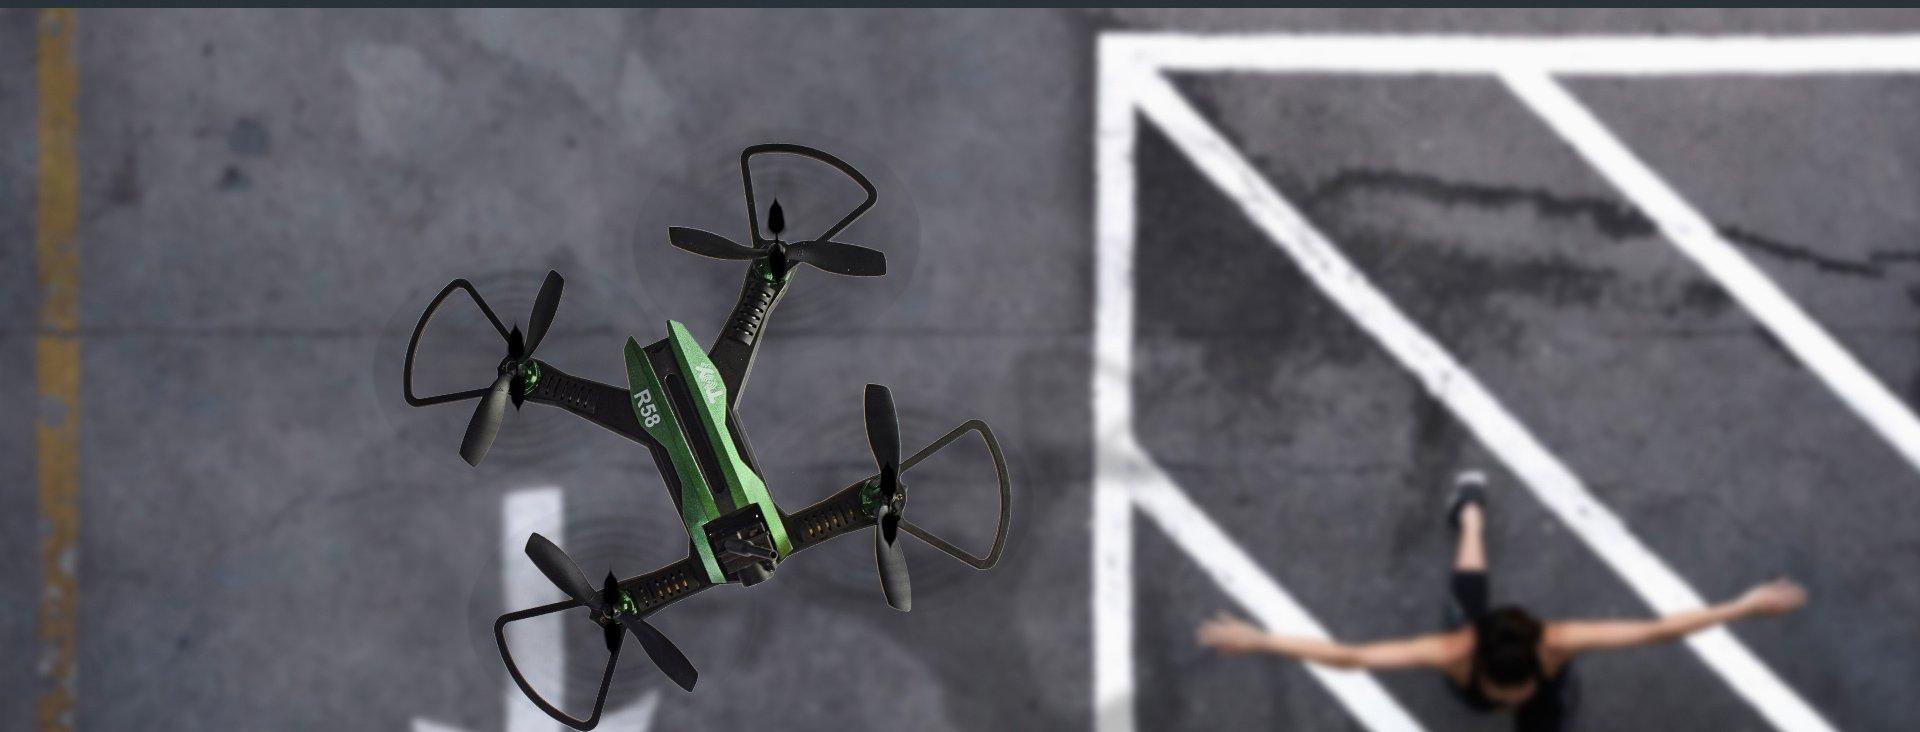 Drone H825